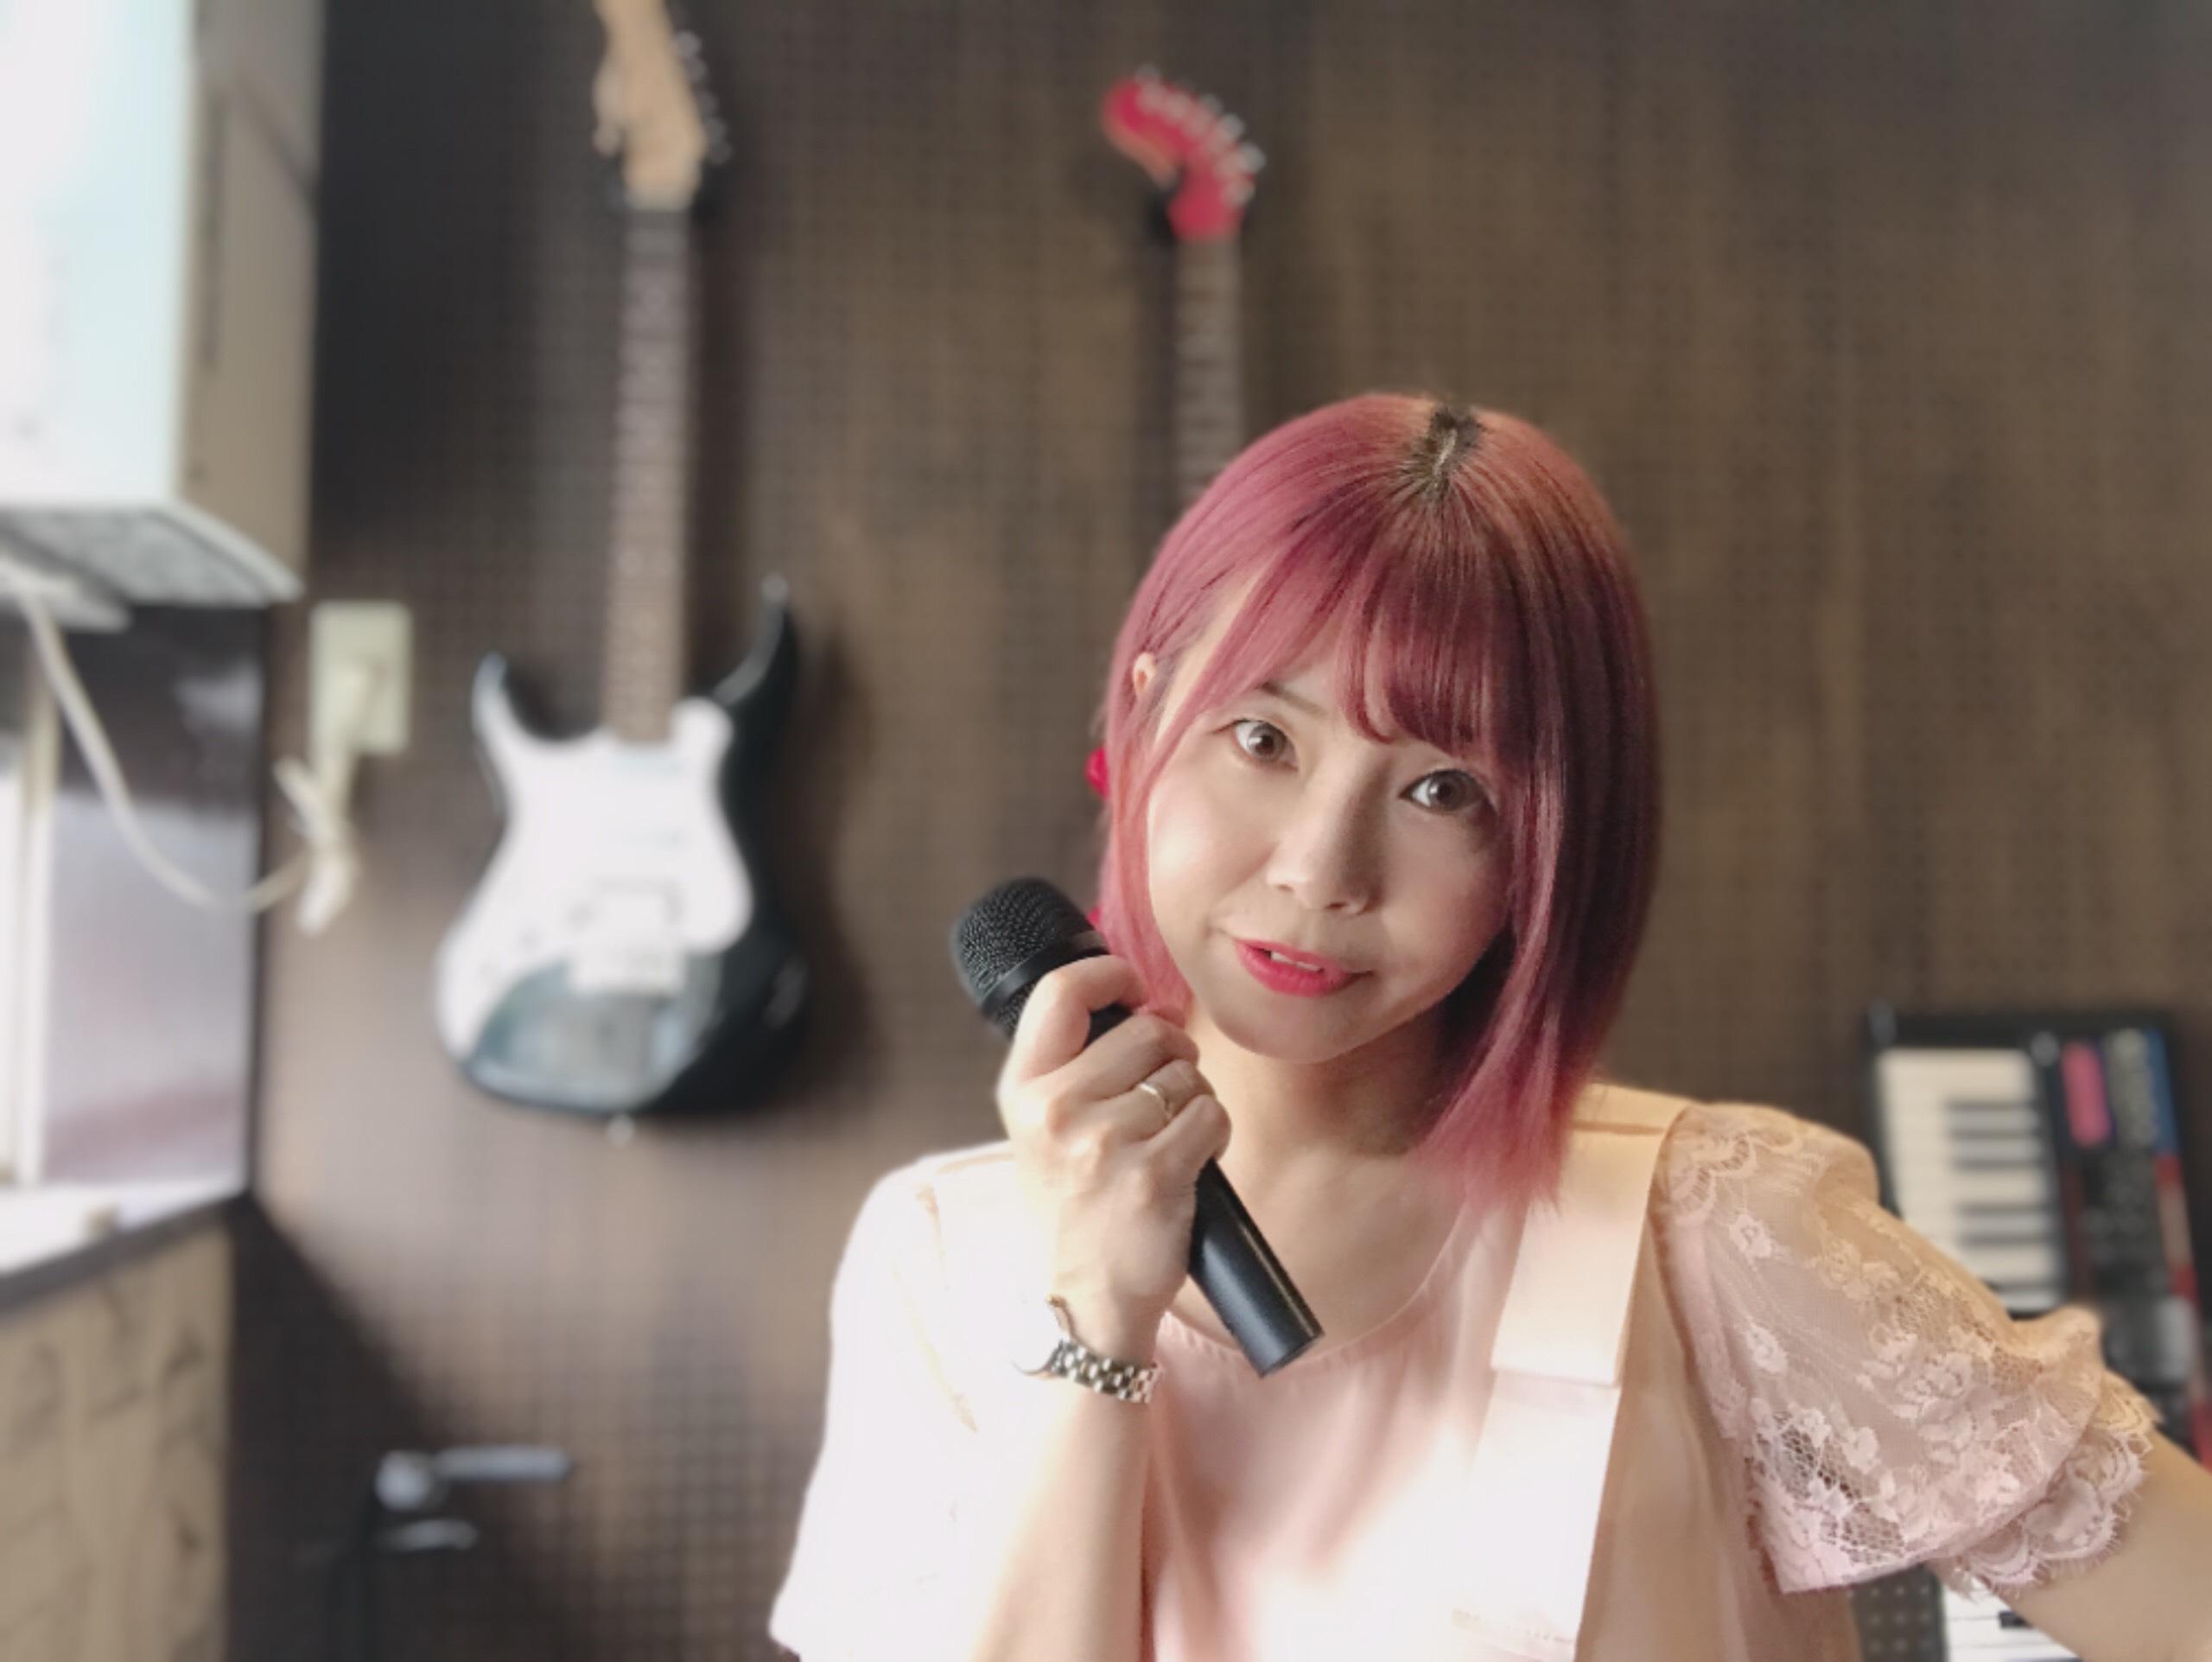 MiKiの「ボーカル・アニソン・K-POP教室」